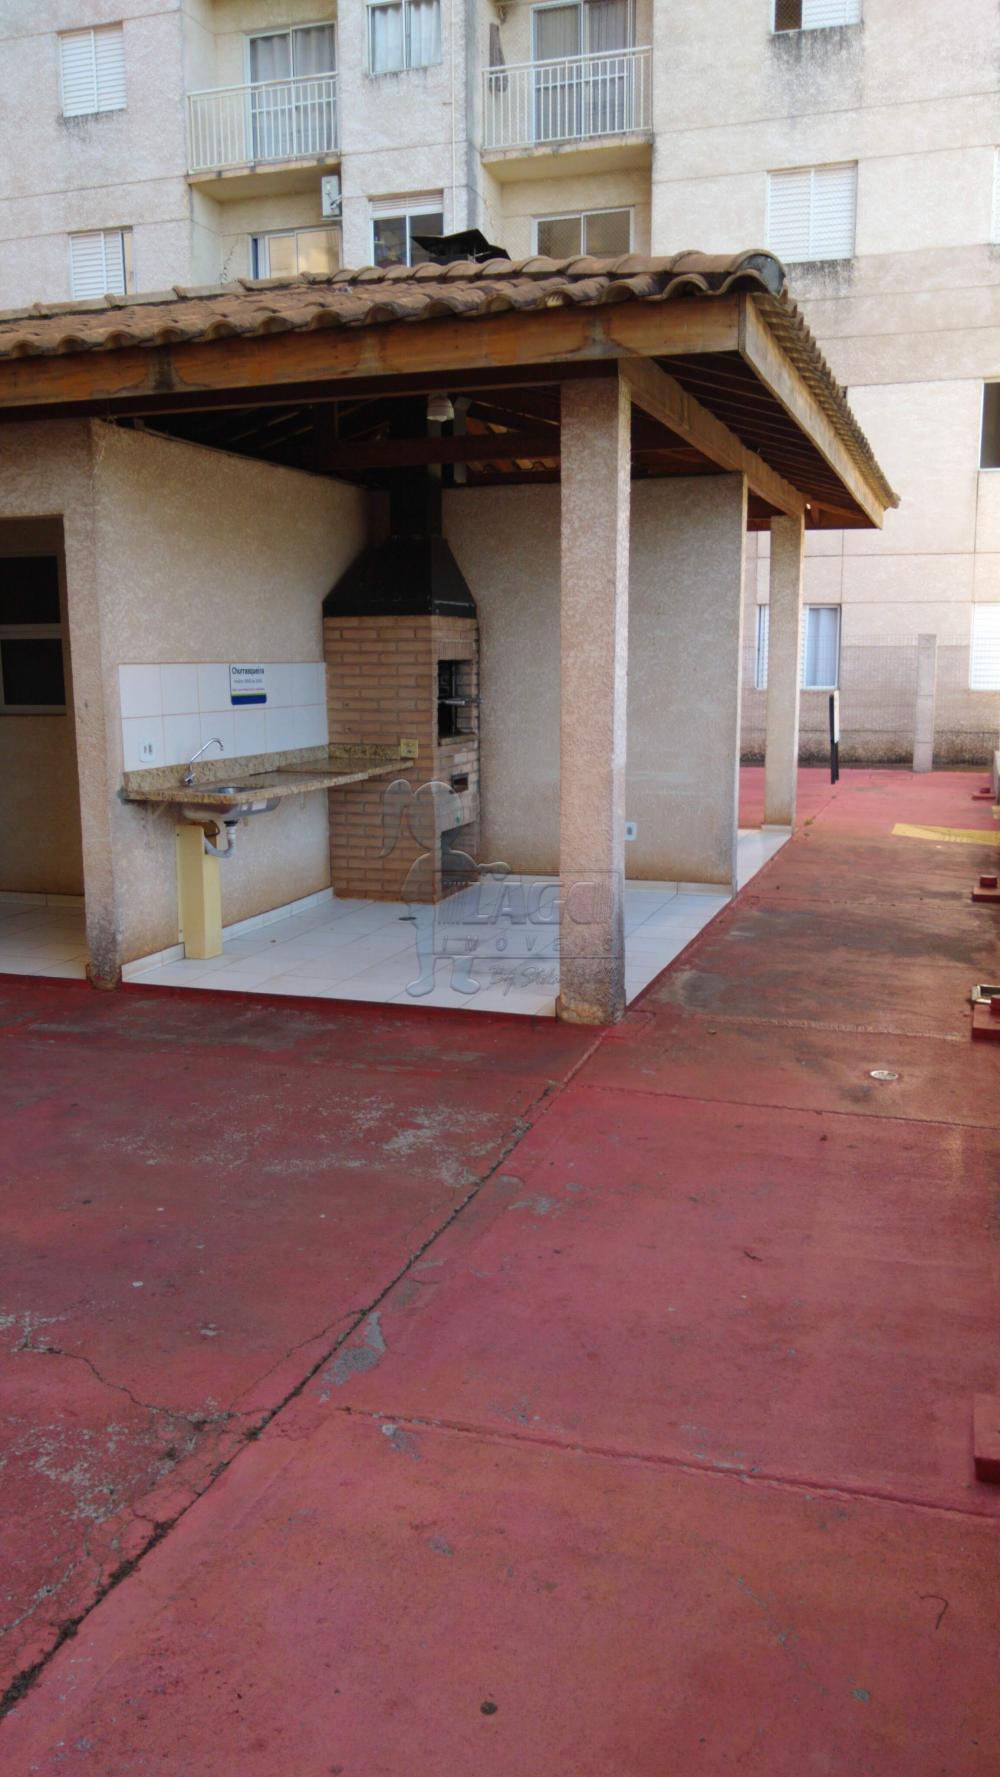 Comprar Apartamento / Padrão em Ribeirão Preto apenas R$ 200.000,00 - Foto 33